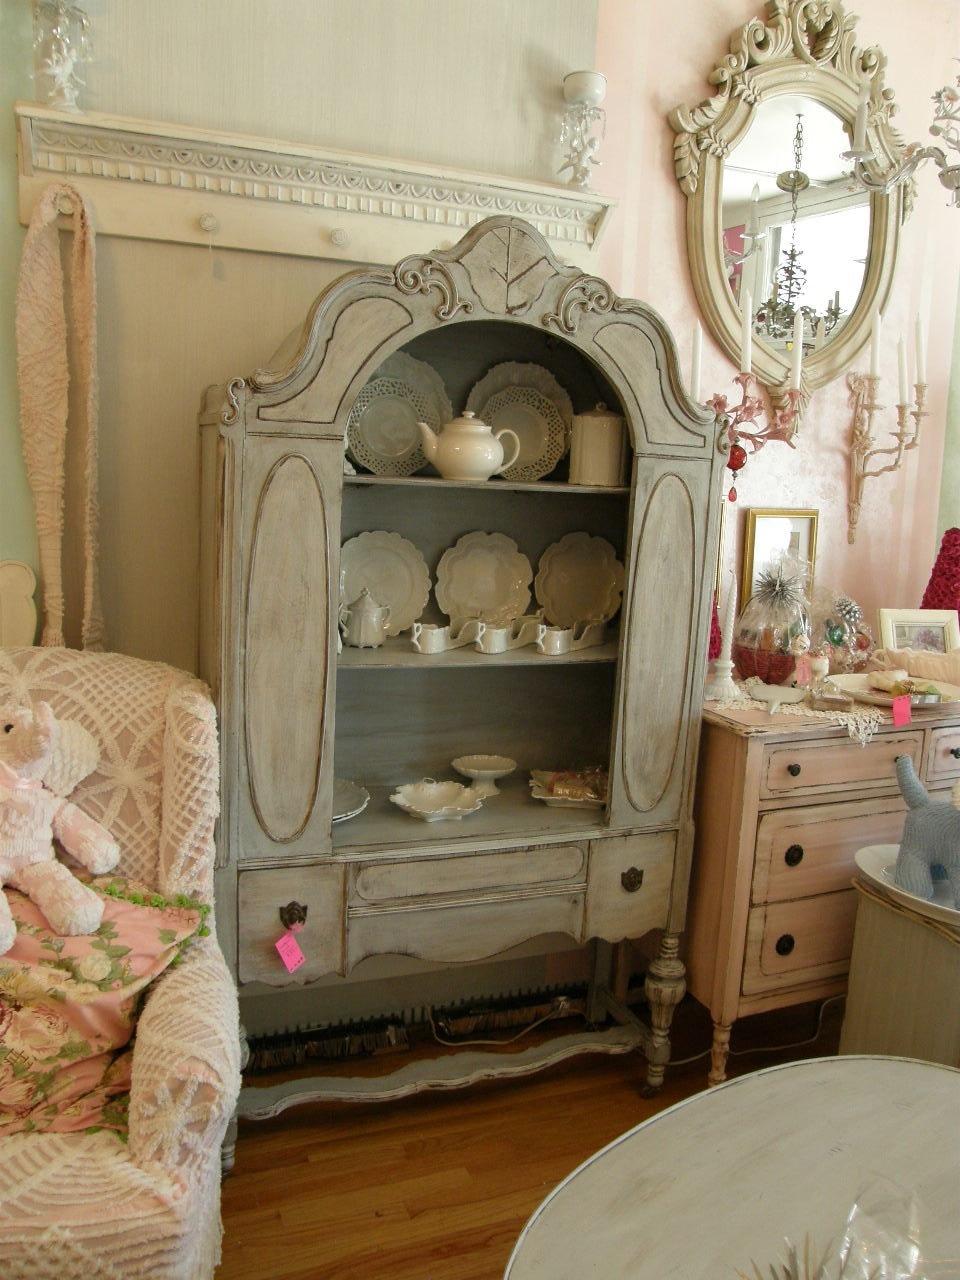 custom order french blue antique china by vintagechicfurniture. Black Bedroom Furniture Sets. Home Design Ideas